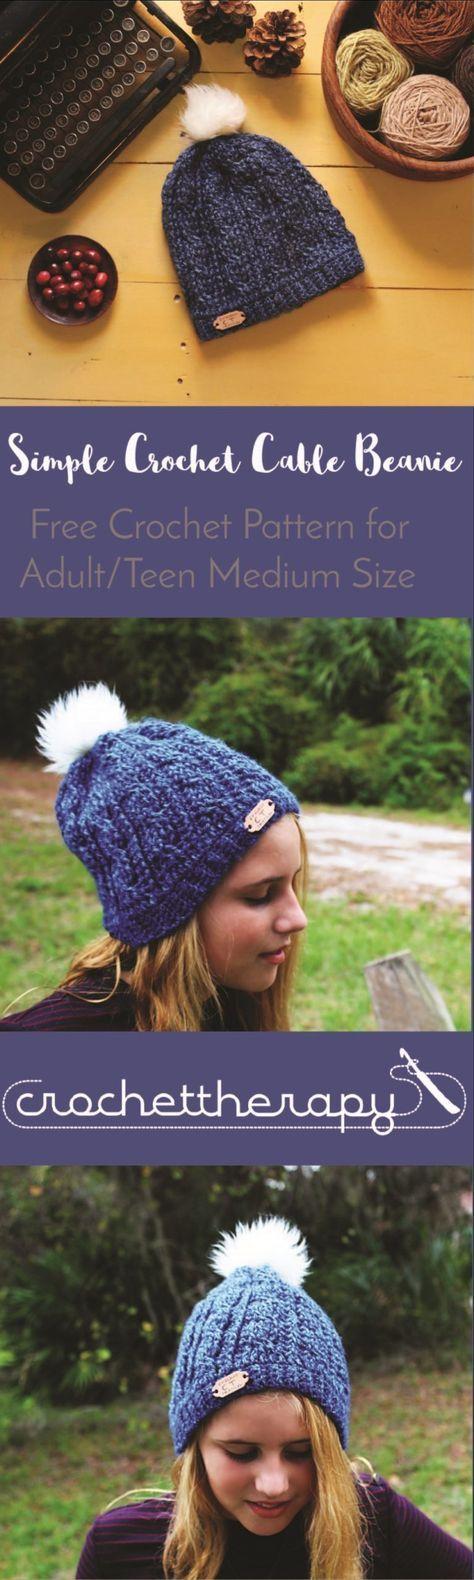 padrão de chapéu de cabo de crochê grátis